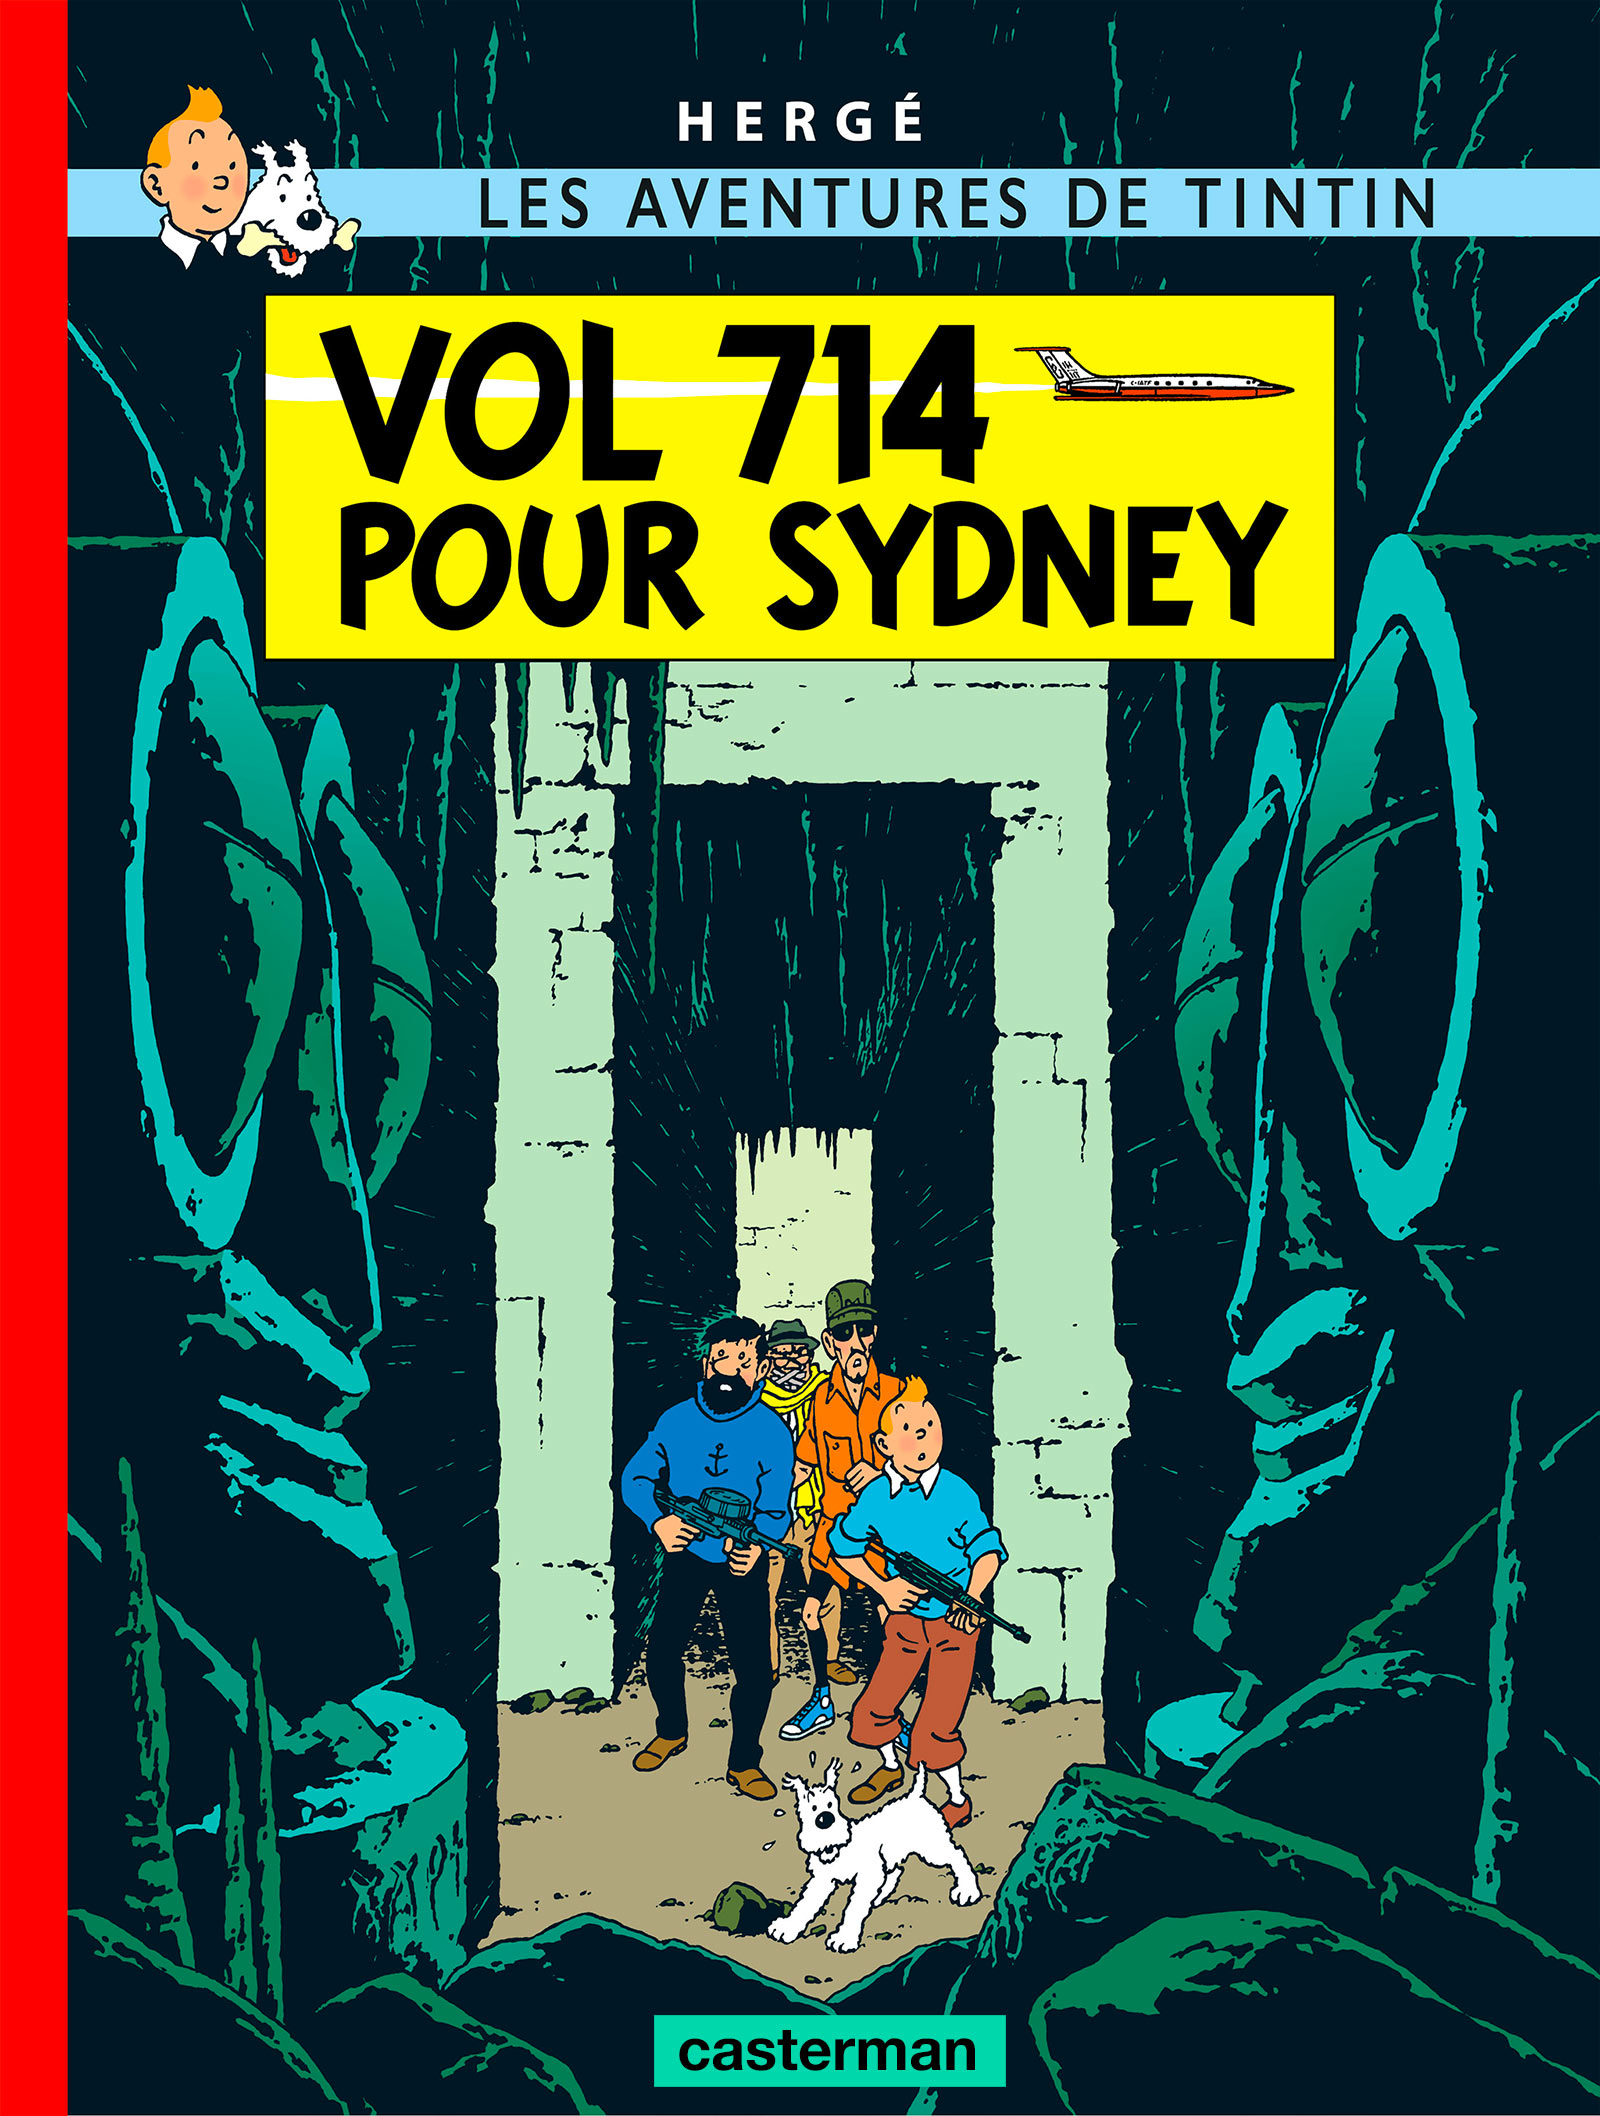 Vol 714 pour Sydney par Hergé